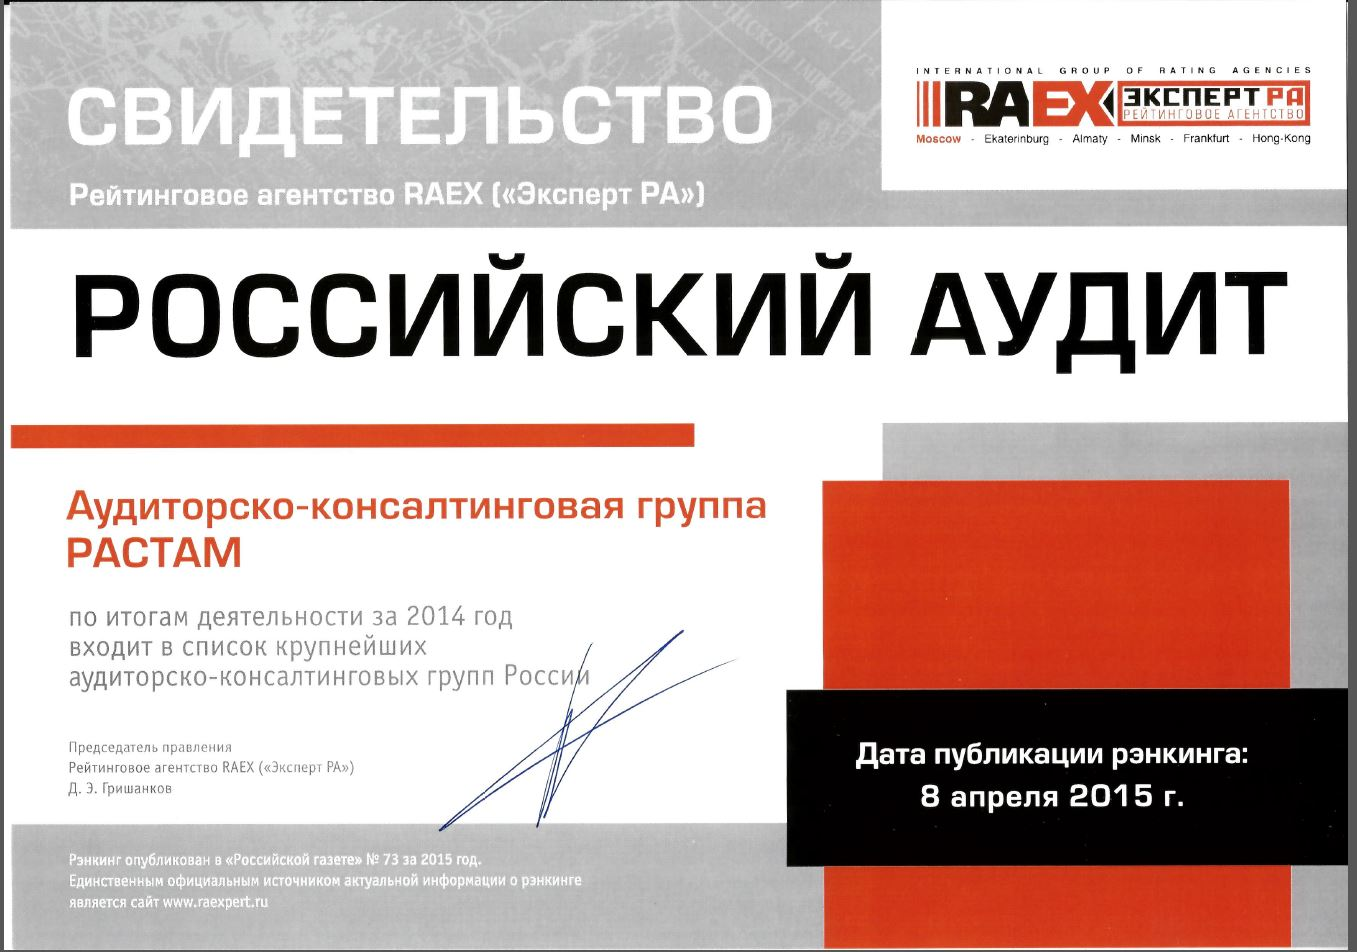 рейтинговое агентство ра эксперт: